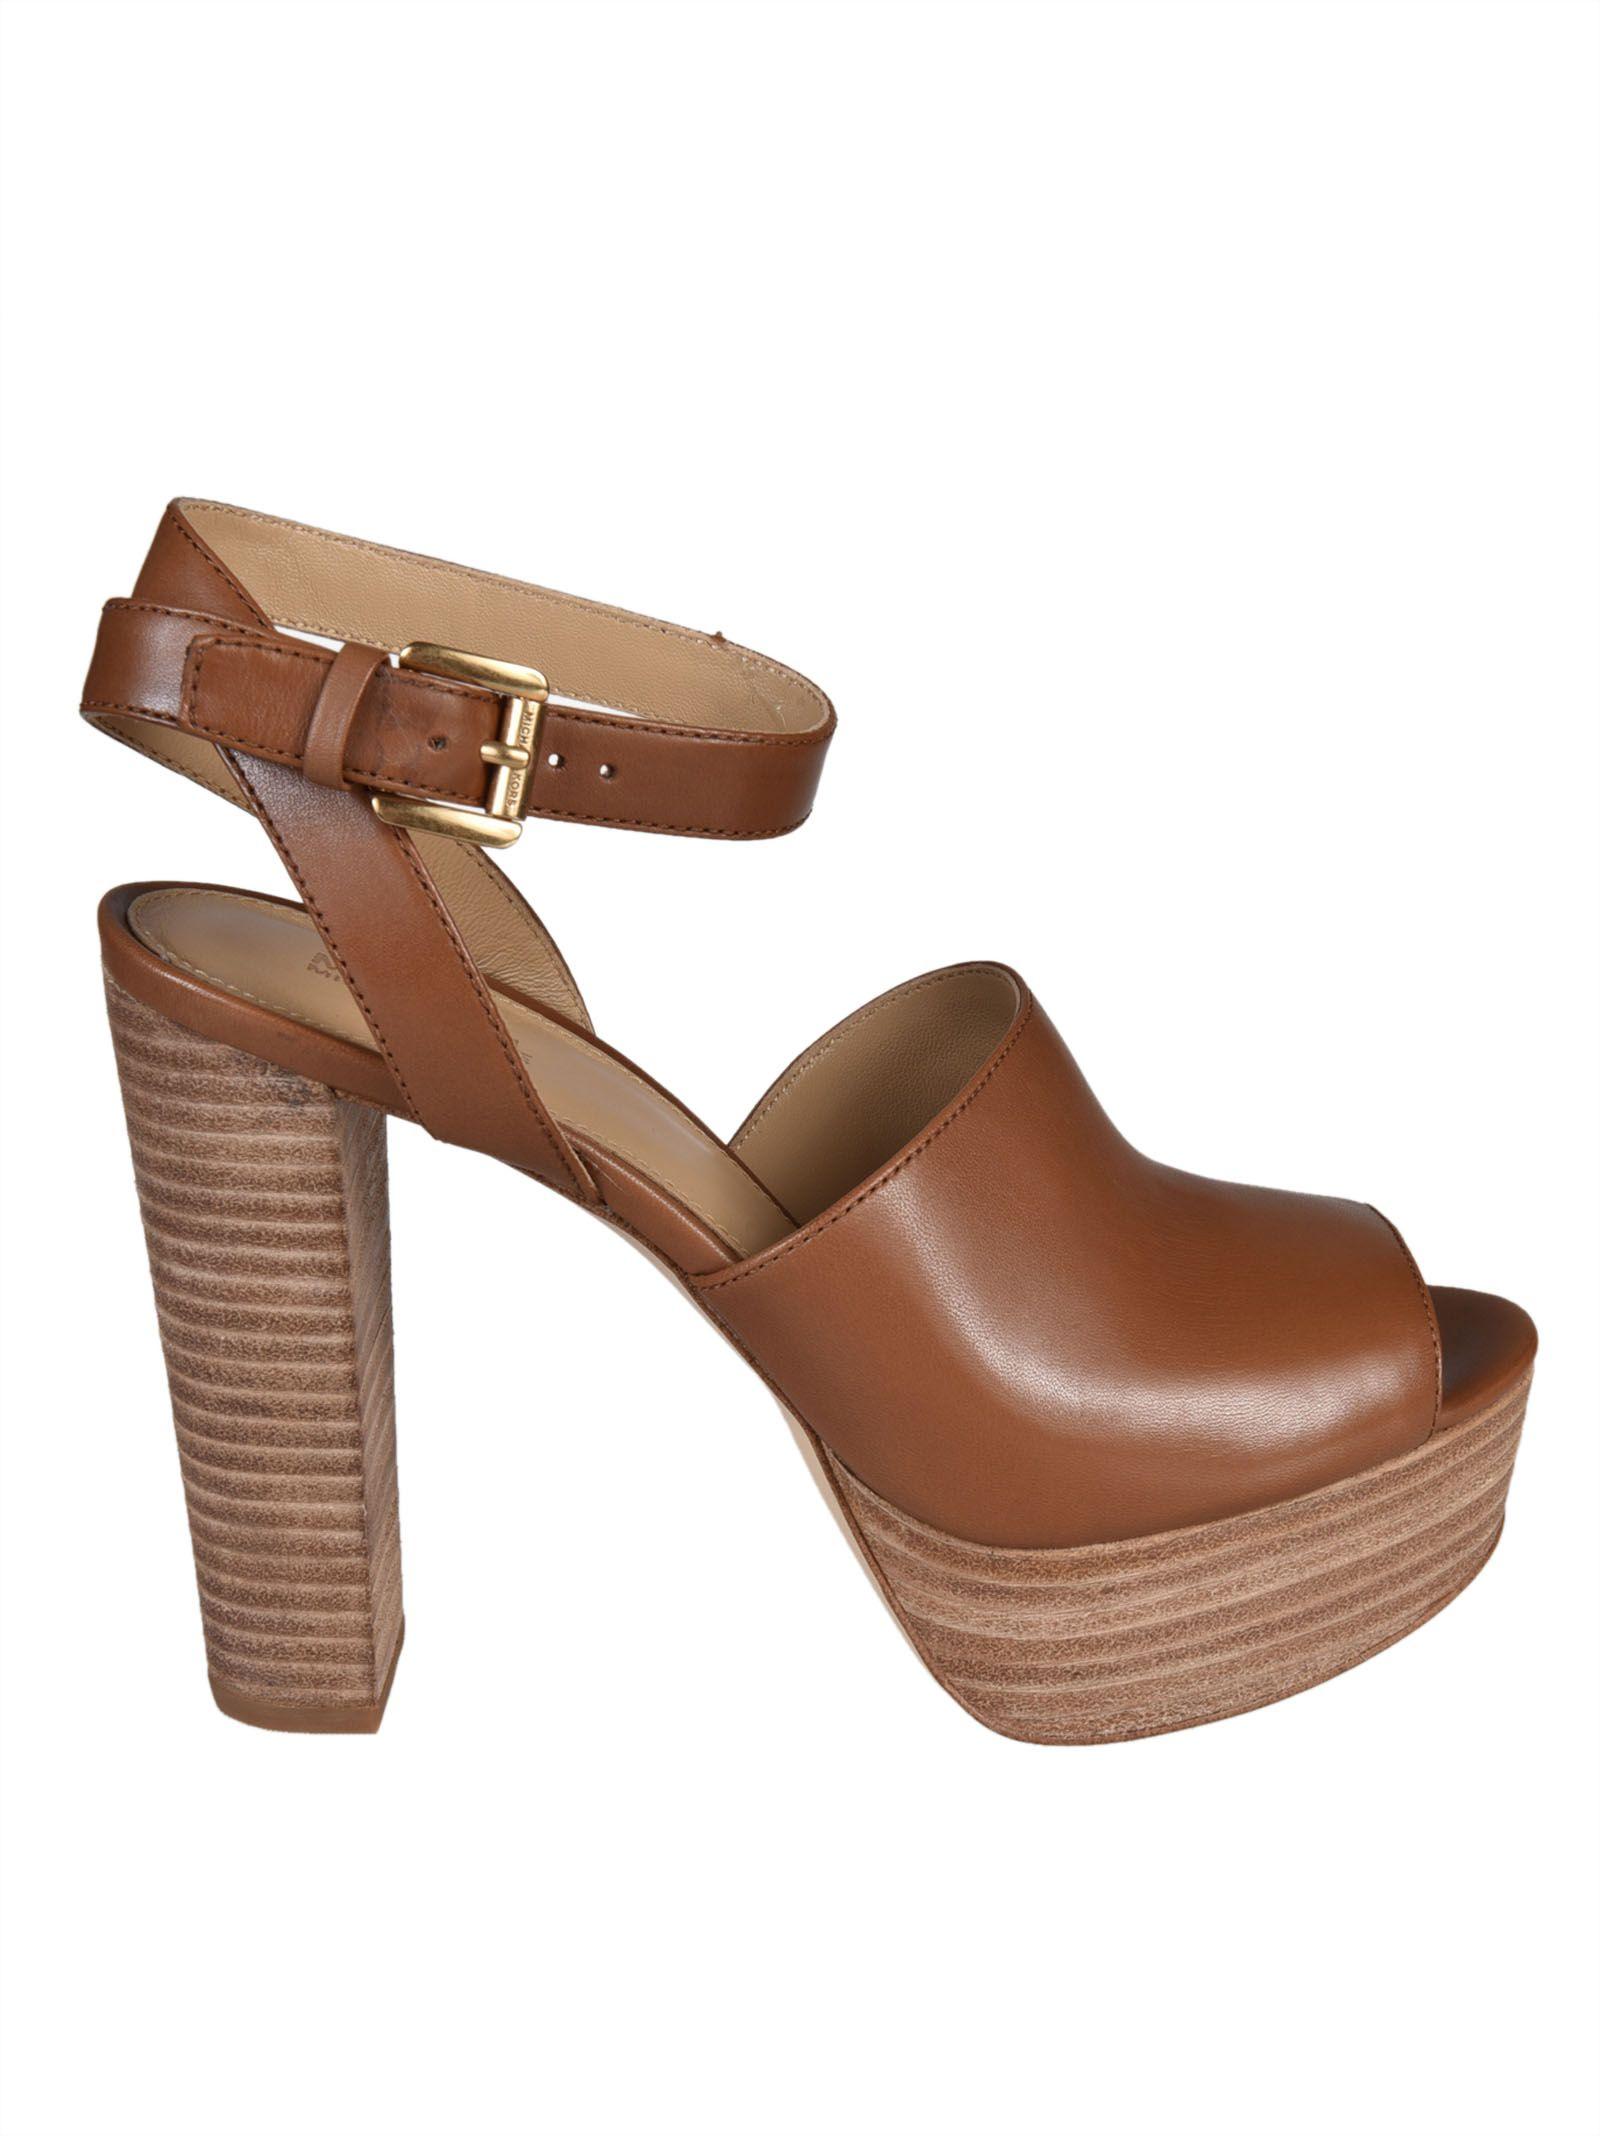 324e3bd3f226 MICHAEL Michael Kors MICHAEL Michael Kors Trina Platform Sandals ...